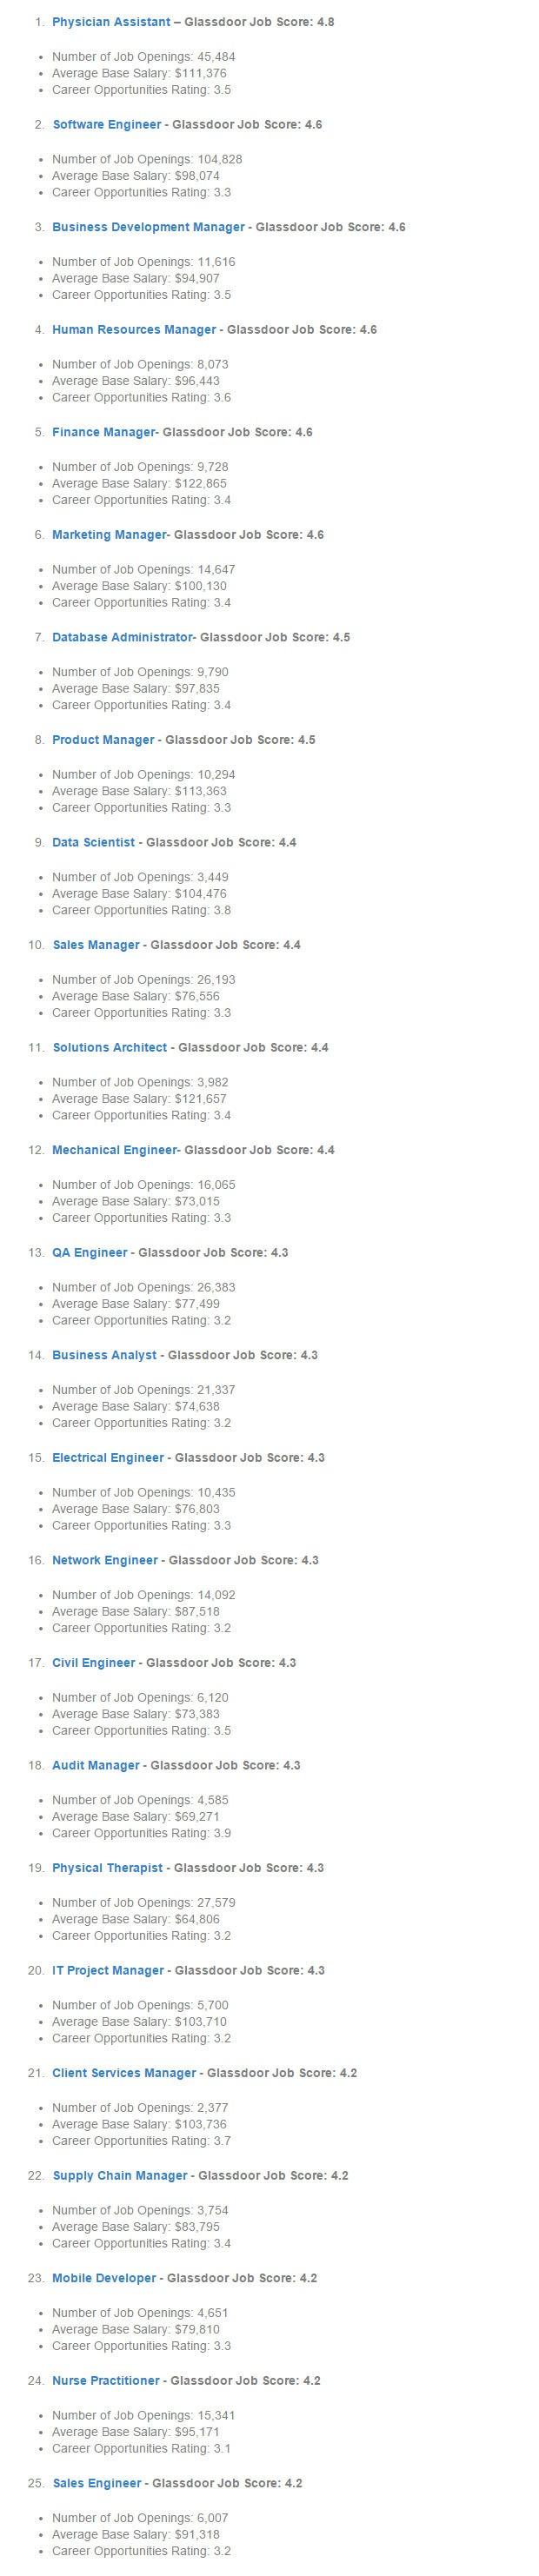 Glassdoor Best Jobs in America 2015: Tech is King